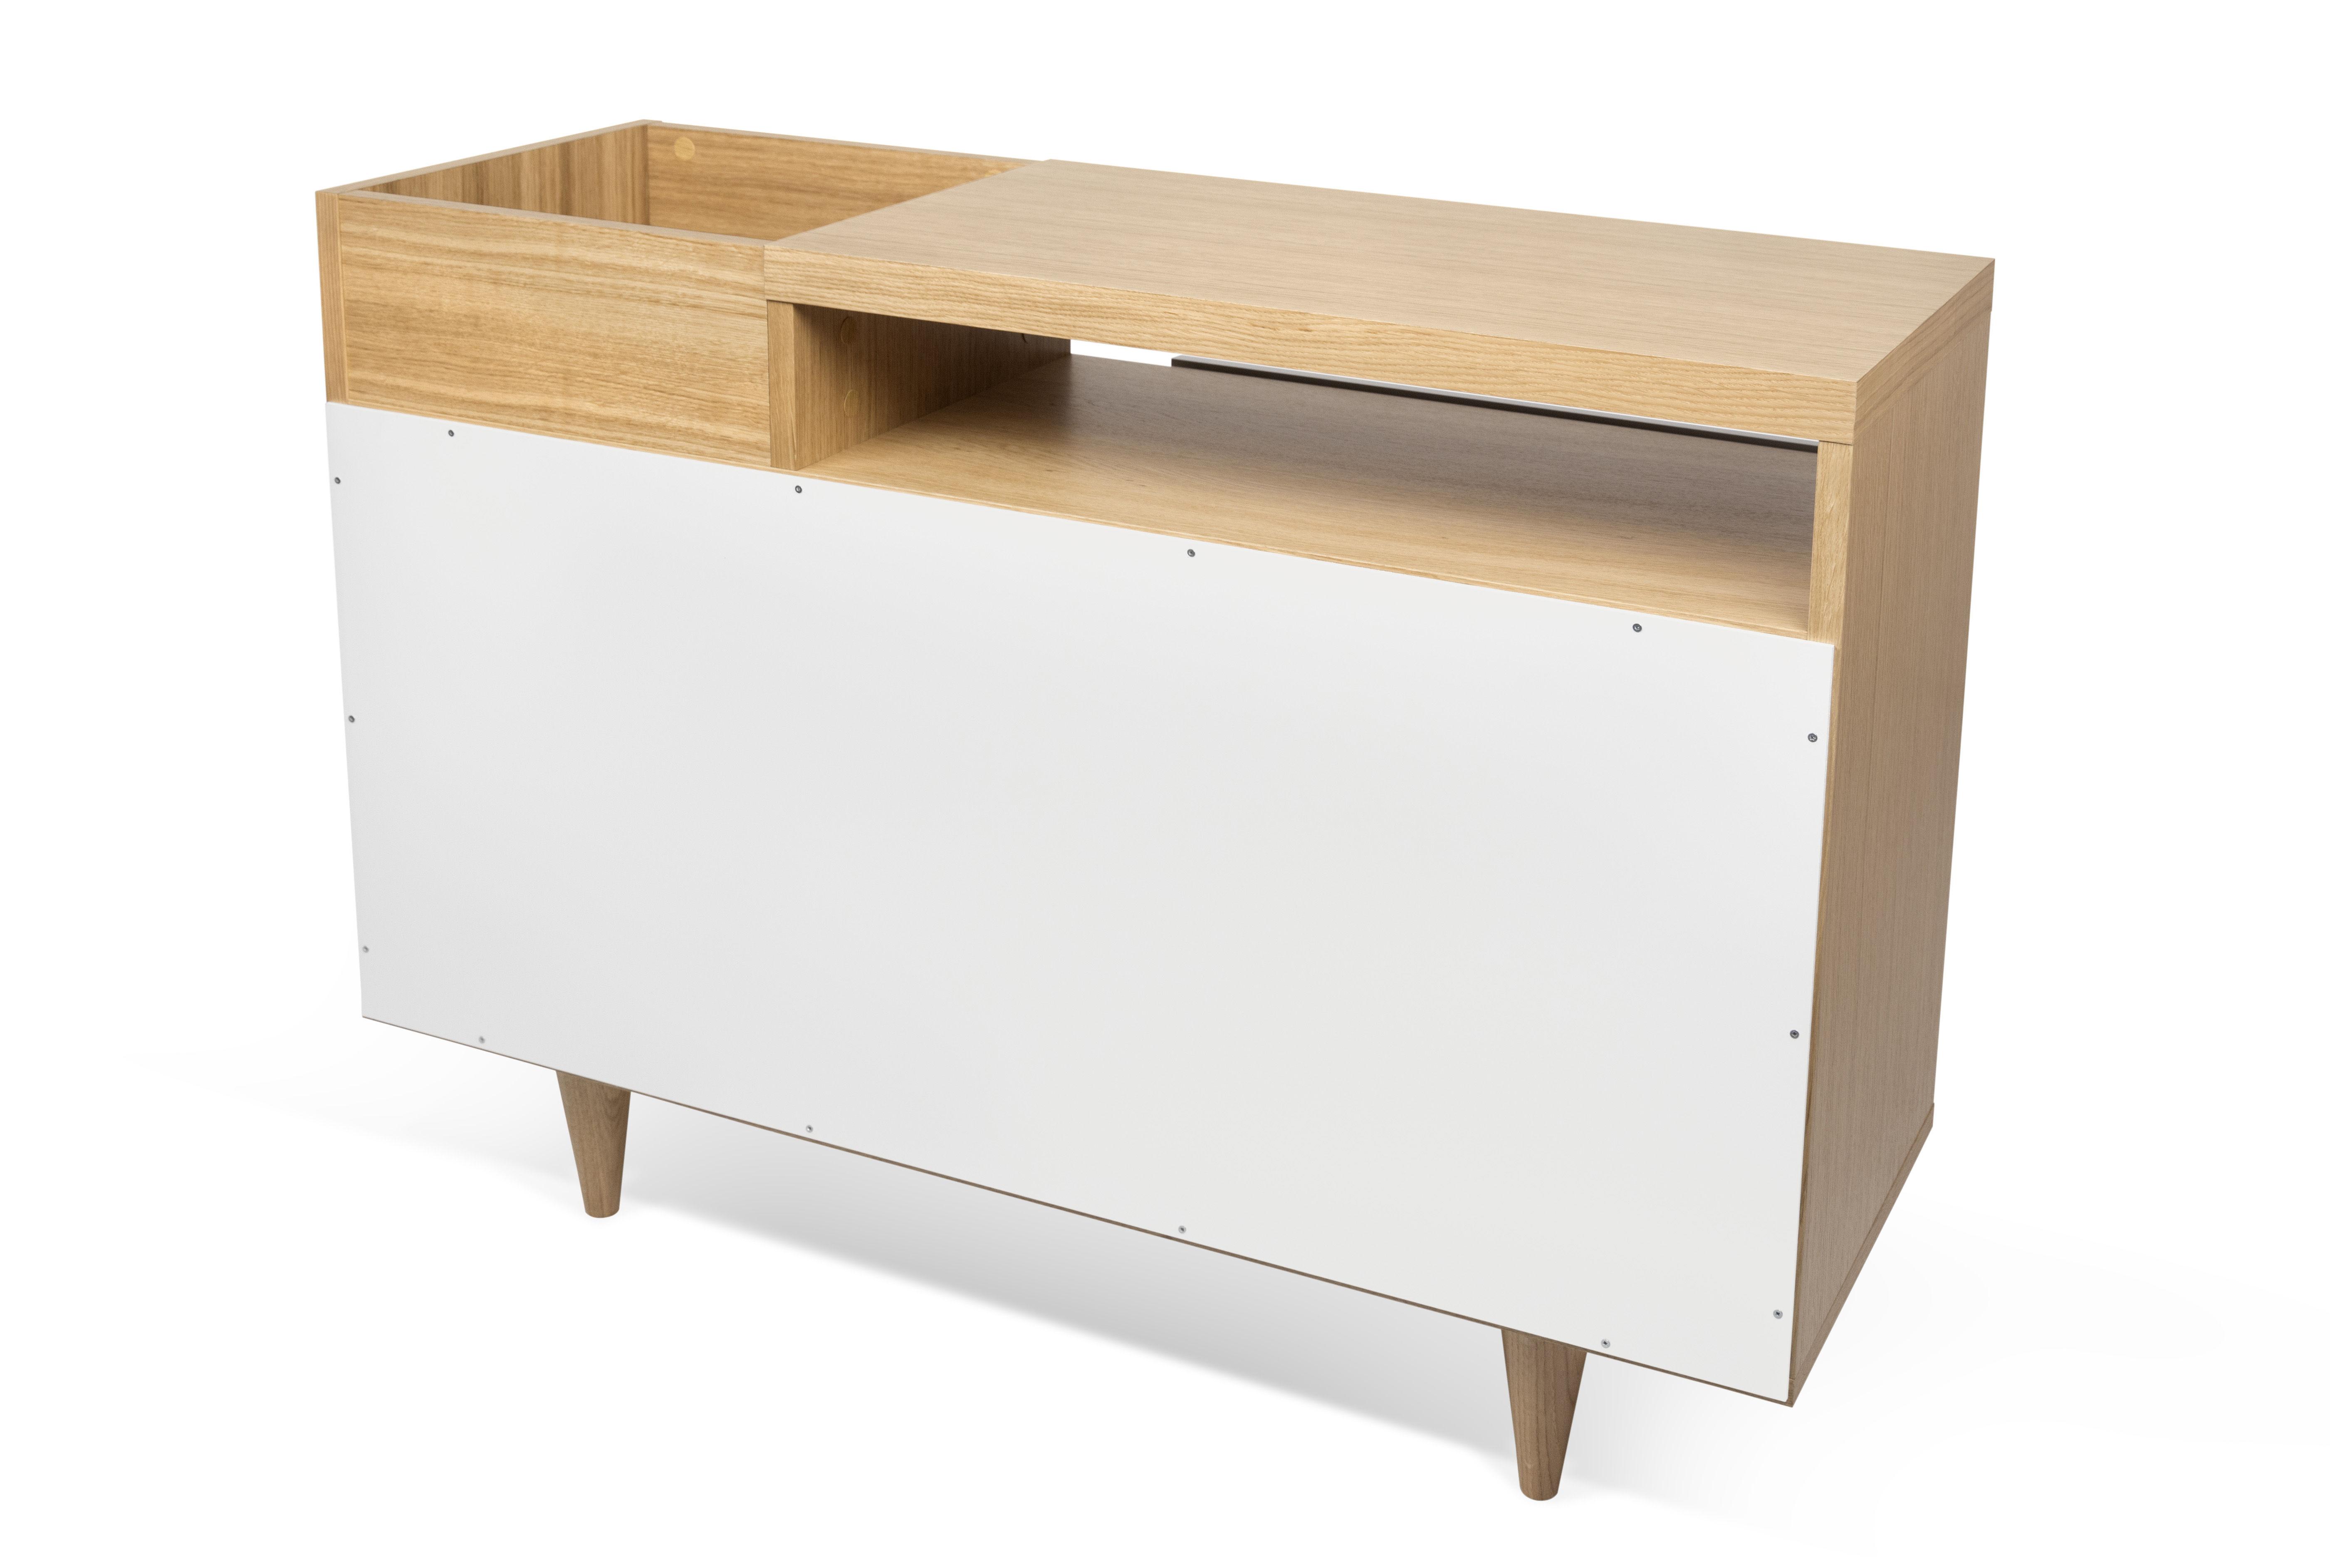 buffet slide l 110 x h 82 cm blanc ch ne pop up home made in design. Black Bedroom Furniture Sets. Home Design Ideas